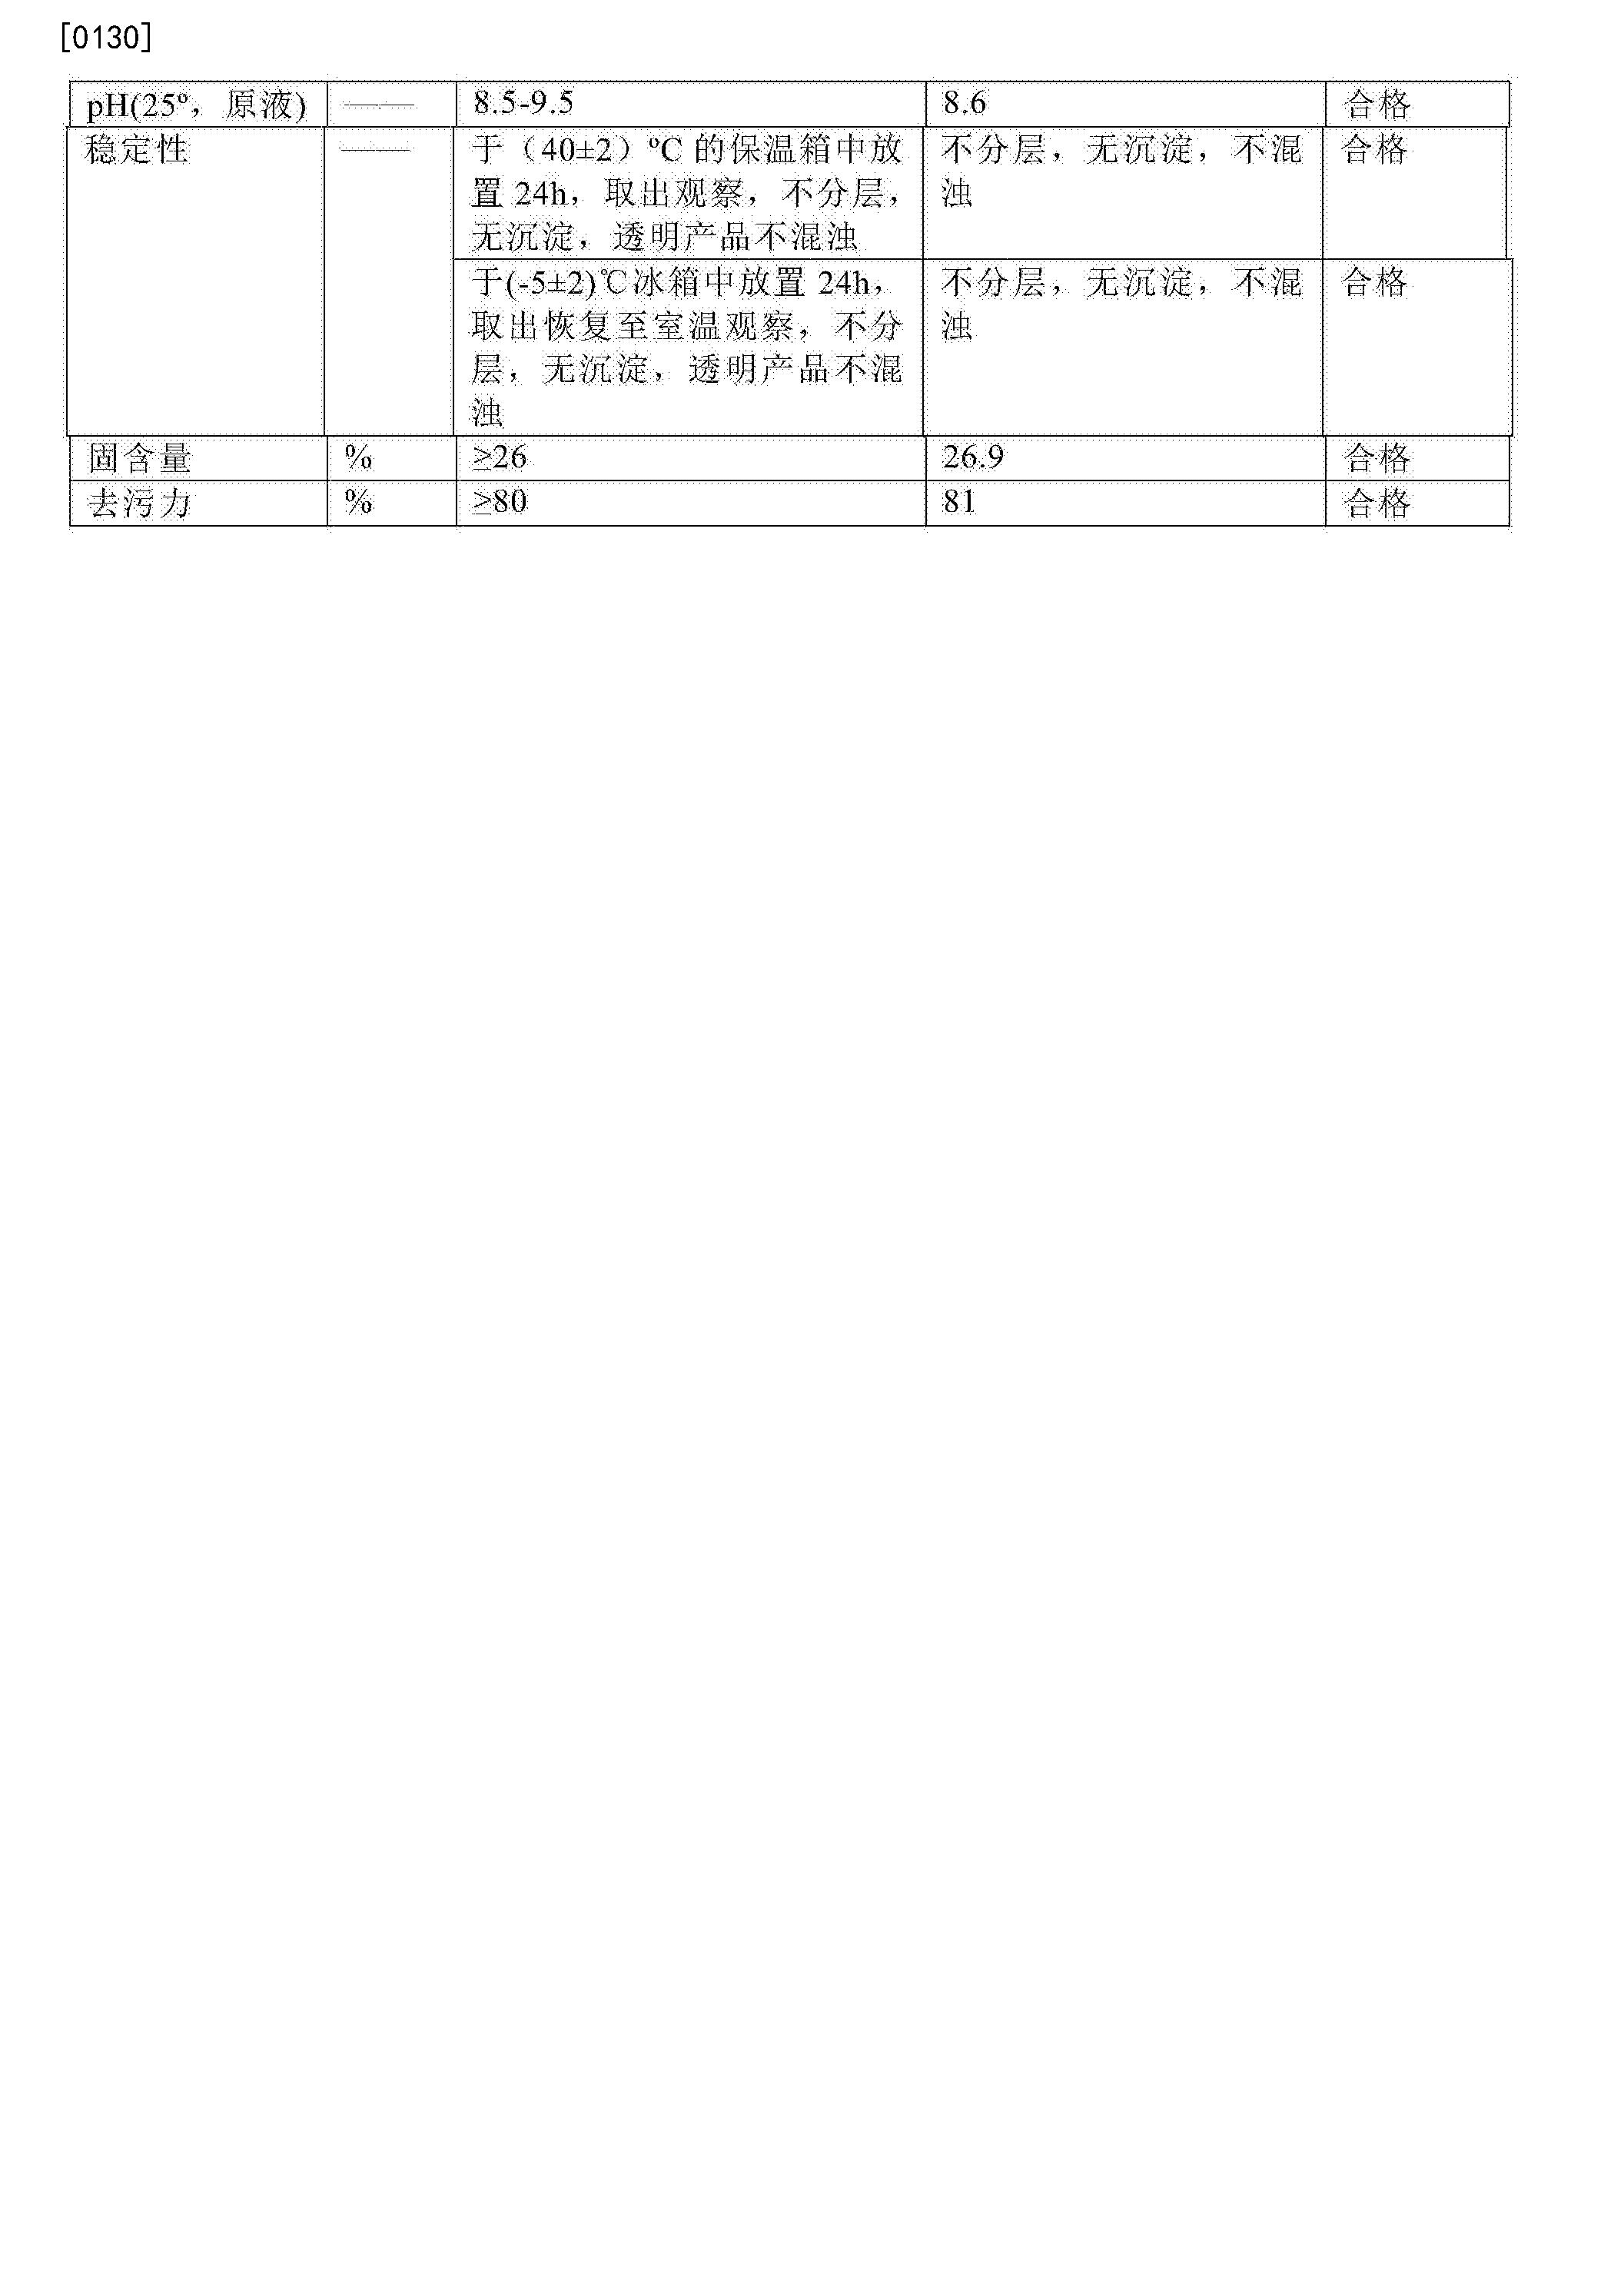 Figure CN105296177BD00151